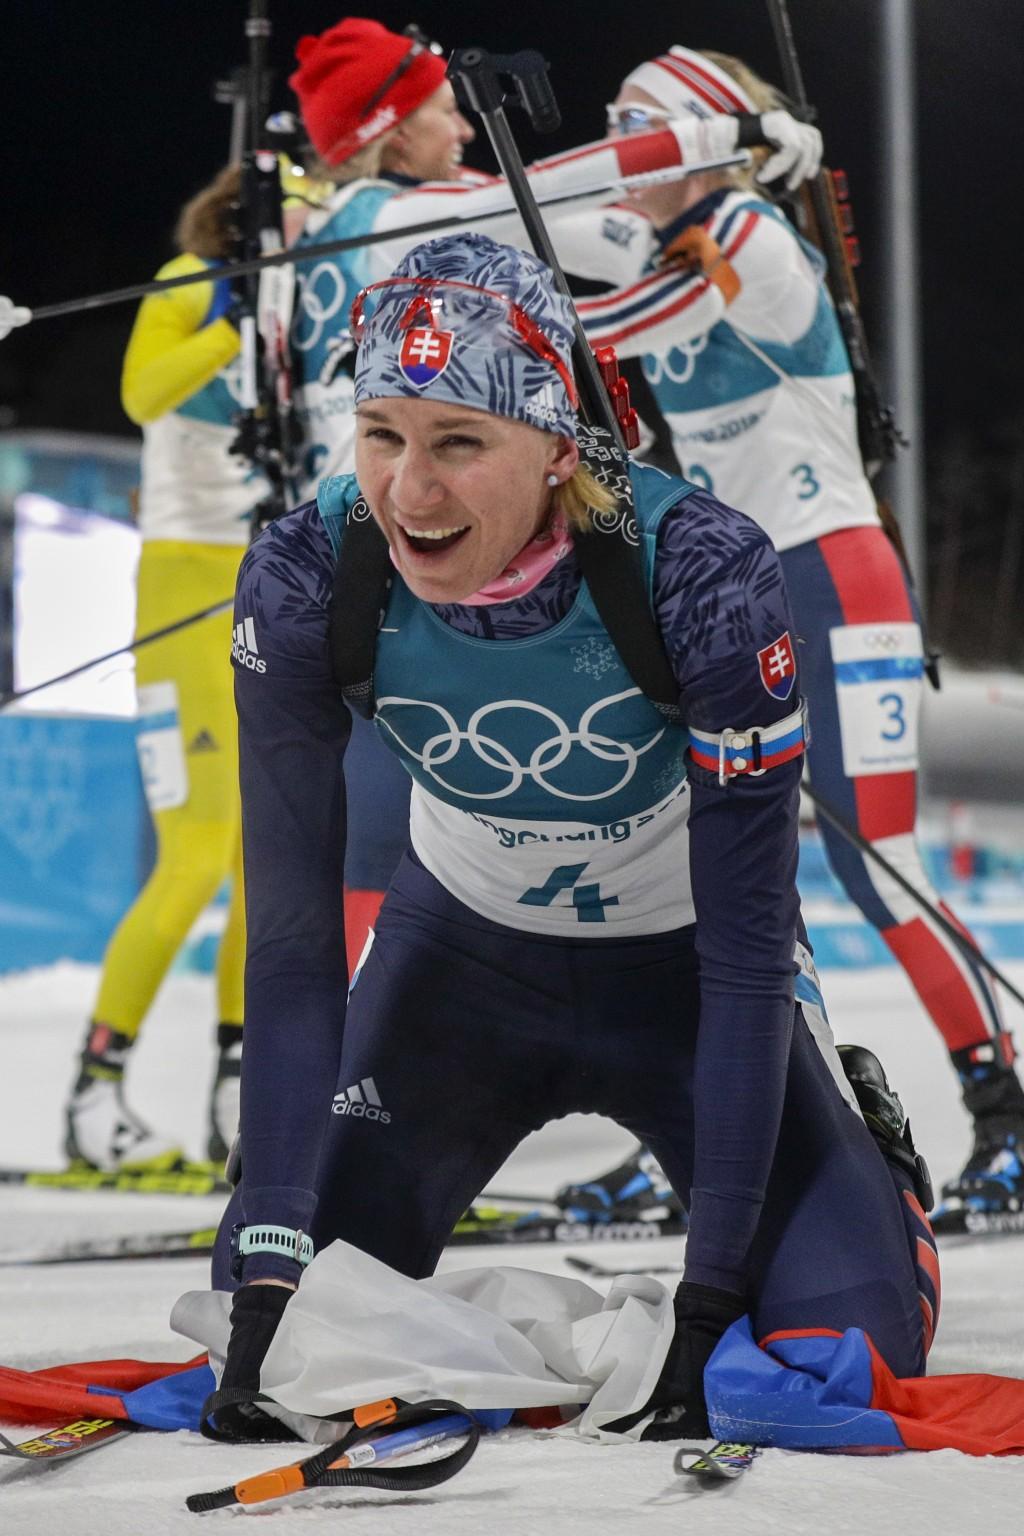 Marie Dolezalova